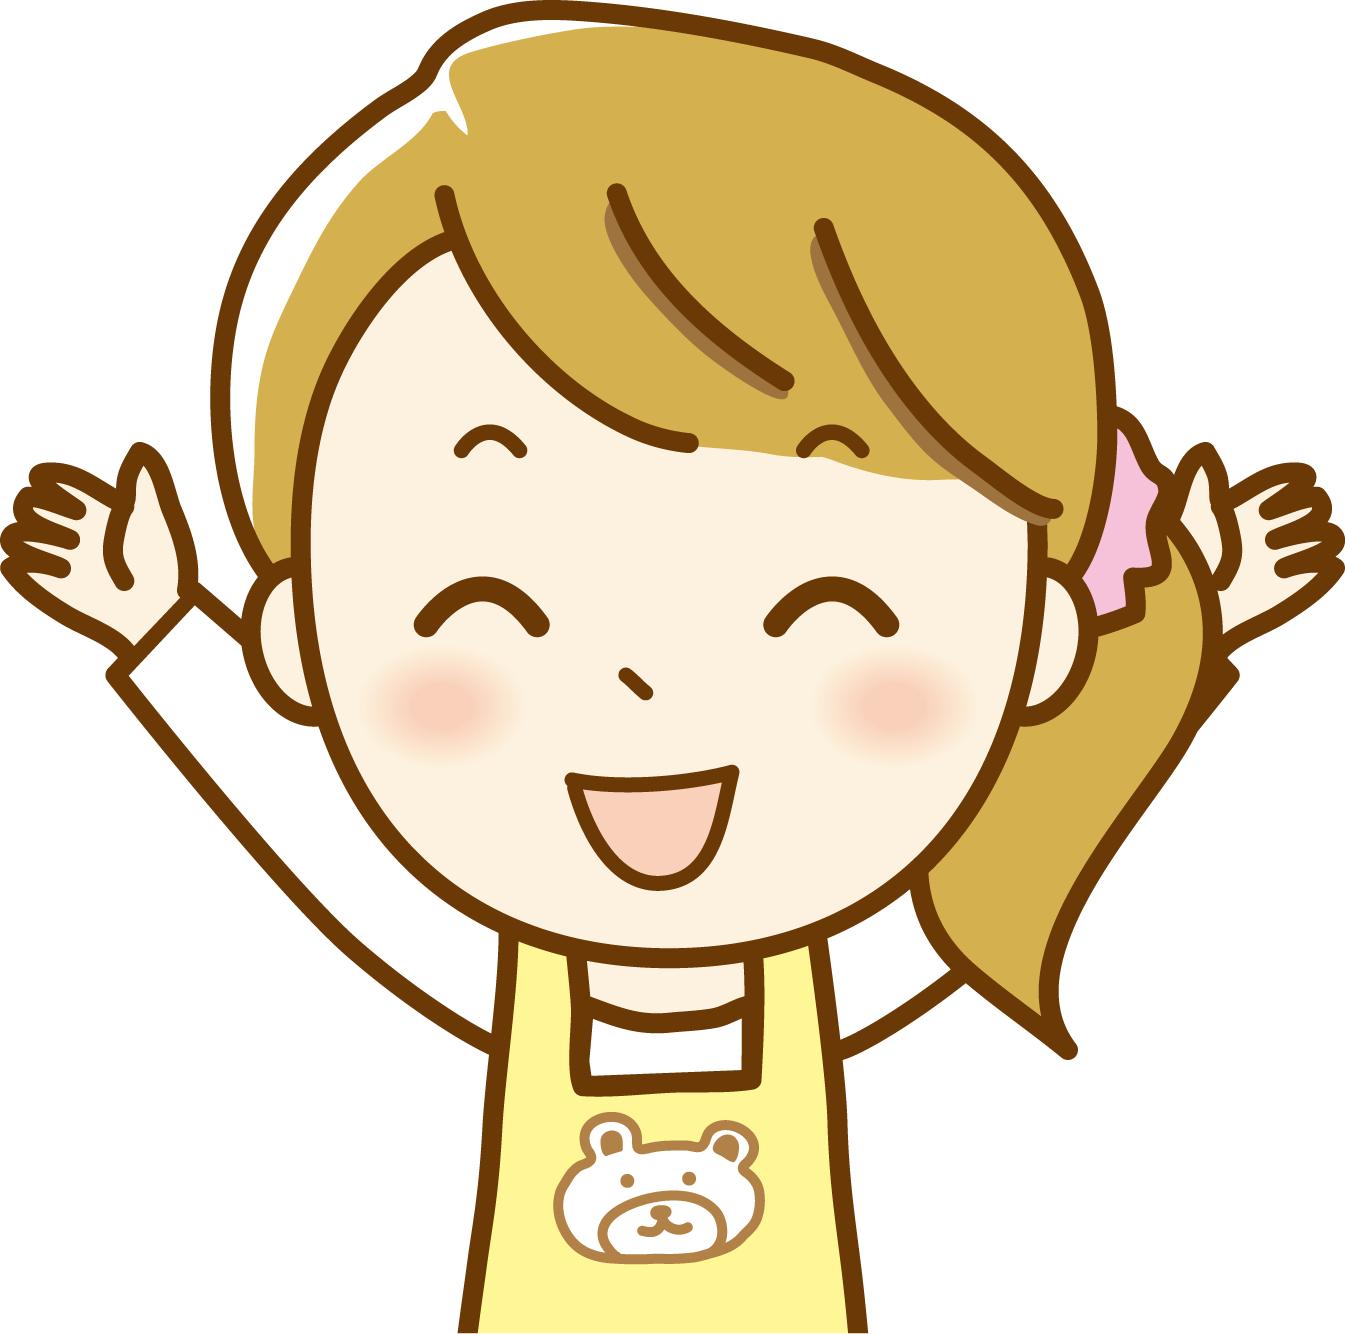 【鎌倉市//パート】2021年4月募集!放デイ/パート募集!個別療育を実践♪1対1での療育を実践